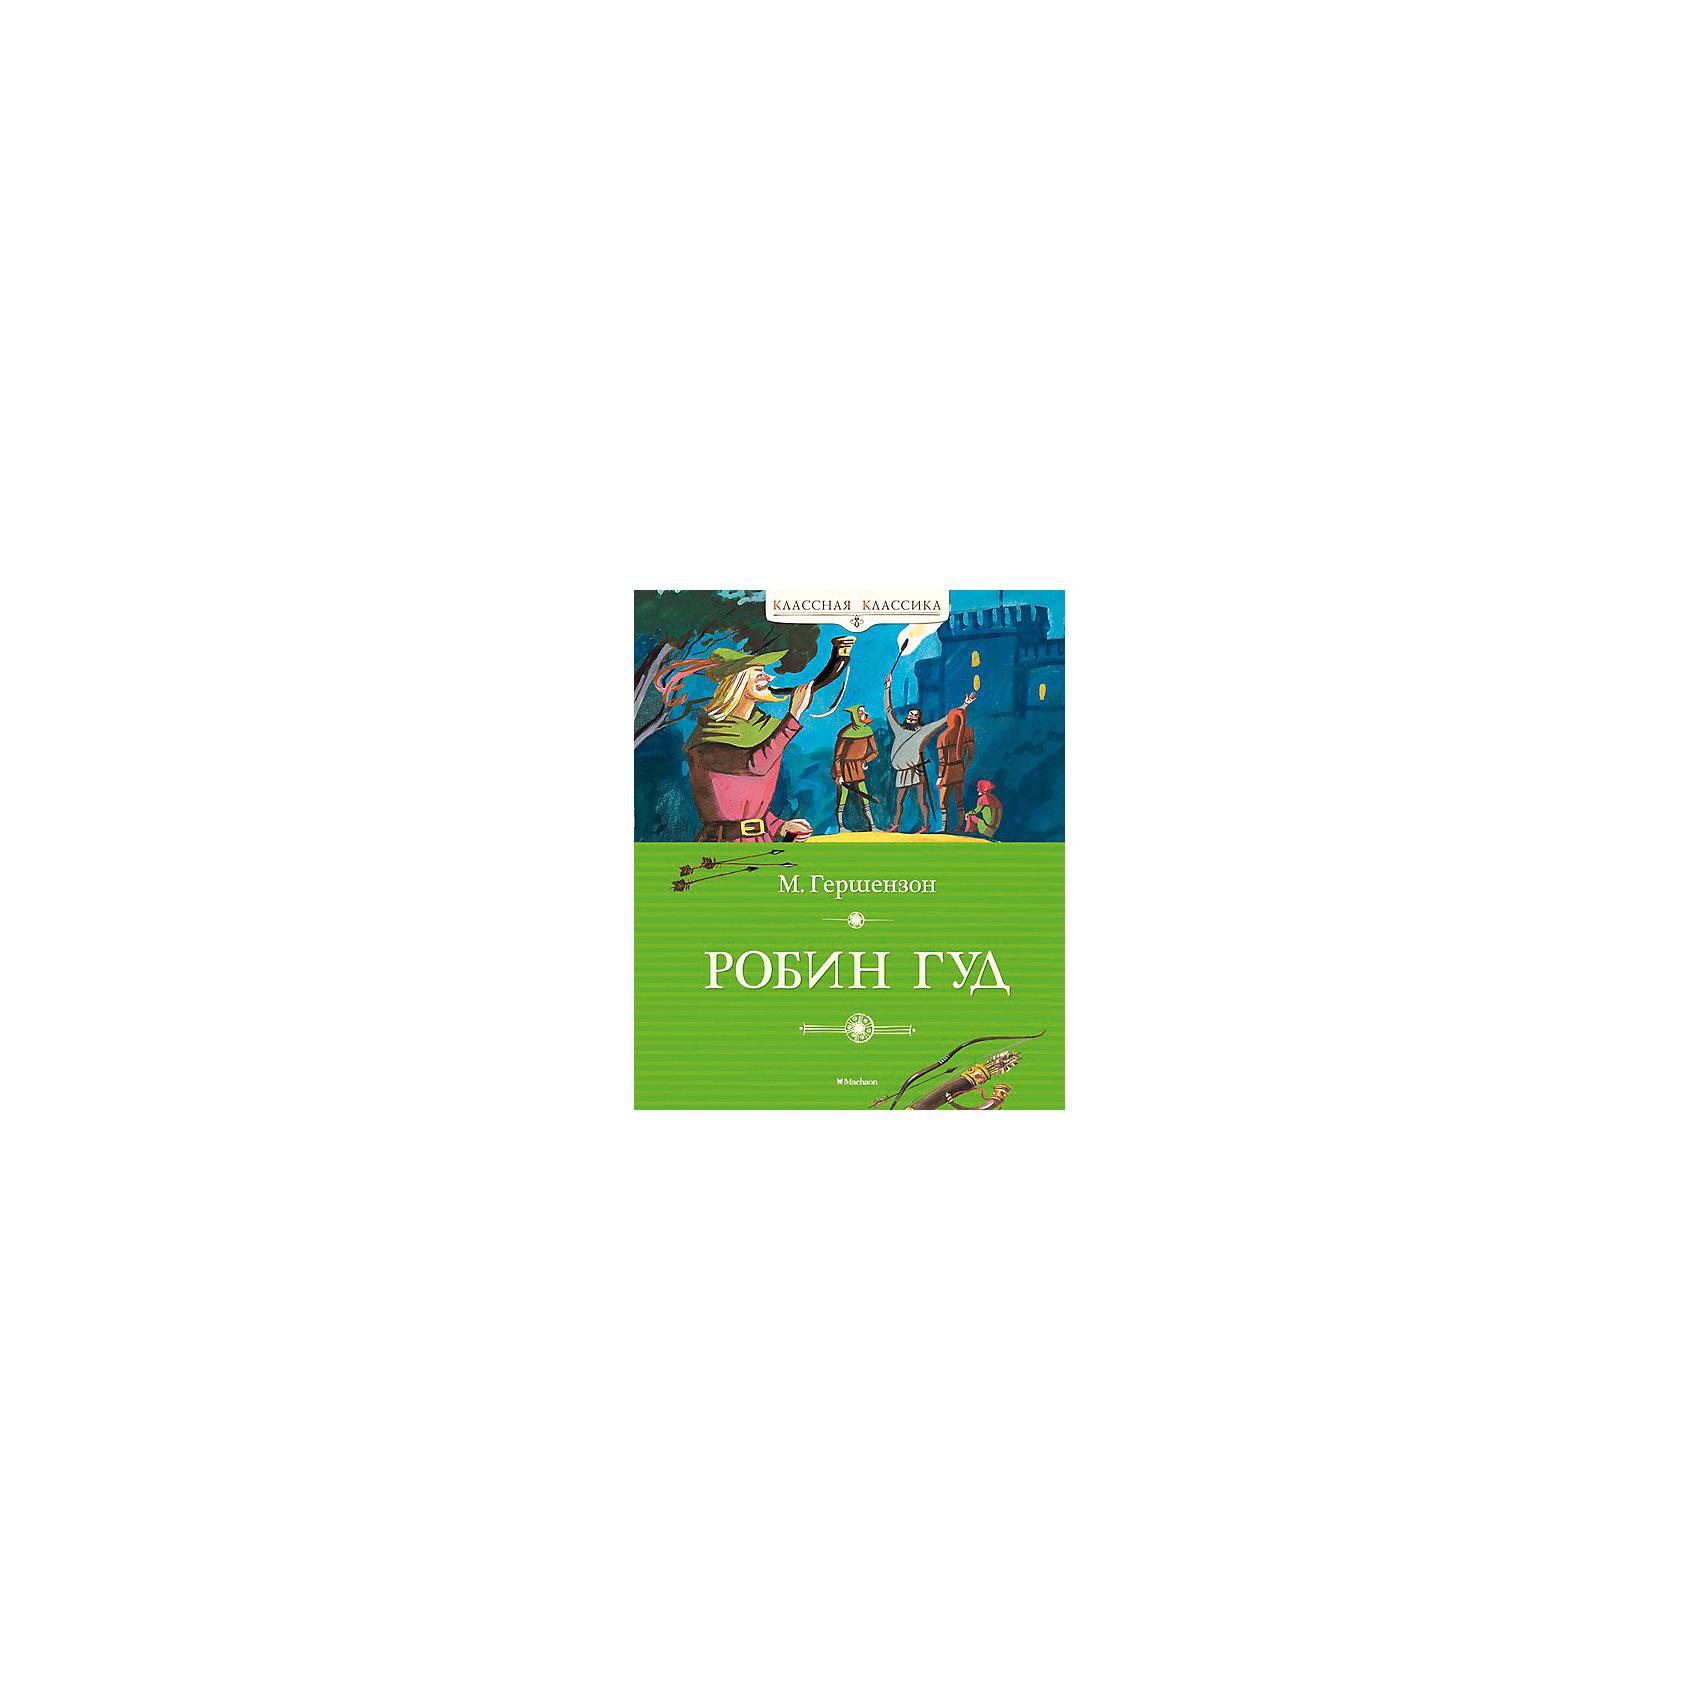 Книга Робин ГудМахаон<br>Книга Робин Гуд.<br><br>Характеристики:<br><br>• Для детей в возрасте: от 14 лет<br>• Автор: Михаил Гершензон<br>• Художник: Е. В. Гаврилова<br>• Издательство: Махаон, 2017 г.<br>• Серия: Классная классика<br>• Тип обложки: 7Б - твердая (плотная бумага или картон)<br>• Иллюстрации: цветные<br>• Количество страниц: 176<br>• Размер: 242x201х13 мм.<br>• Вес: 483 гр.<br>• ISBN: 9785389042001<br><br>Робин Гуд — герой средневековых английских легенд. Вот уже несколько столетий его фигура привлекает писателей, поэтов, художников. О нём пишутся литературные произведения, ставятся спектакли, снимаются фильмы, и его популярность не угасает. Существуют десятки художественных версий о Робин Гуде. По одной из них, это лучник, который жил в лесу со своей армией вольных стрелков, людей смелых и по-своему благородных, и боролся с несправедливостью, защищая бедных. Имя Робин Гуда — нарицательное. Он один из немногих легендарных героев, которые вышли за рамки фольклора и стали источником важных культурных событий, например, таких как эта замечательная книга.<br><br>Книгу Робин Гуд можно купить в нашем интернет-магазине.<br><br>Ширина мм: 242<br>Глубина мм: 201<br>Высота мм: 130<br>Вес г: 483<br>Возраст от месяцев: 168<br>Возраст до месяцев: 2147483647<br>Пол: Унисекс<br>Возраст: Детский<br>SKU: 5493517